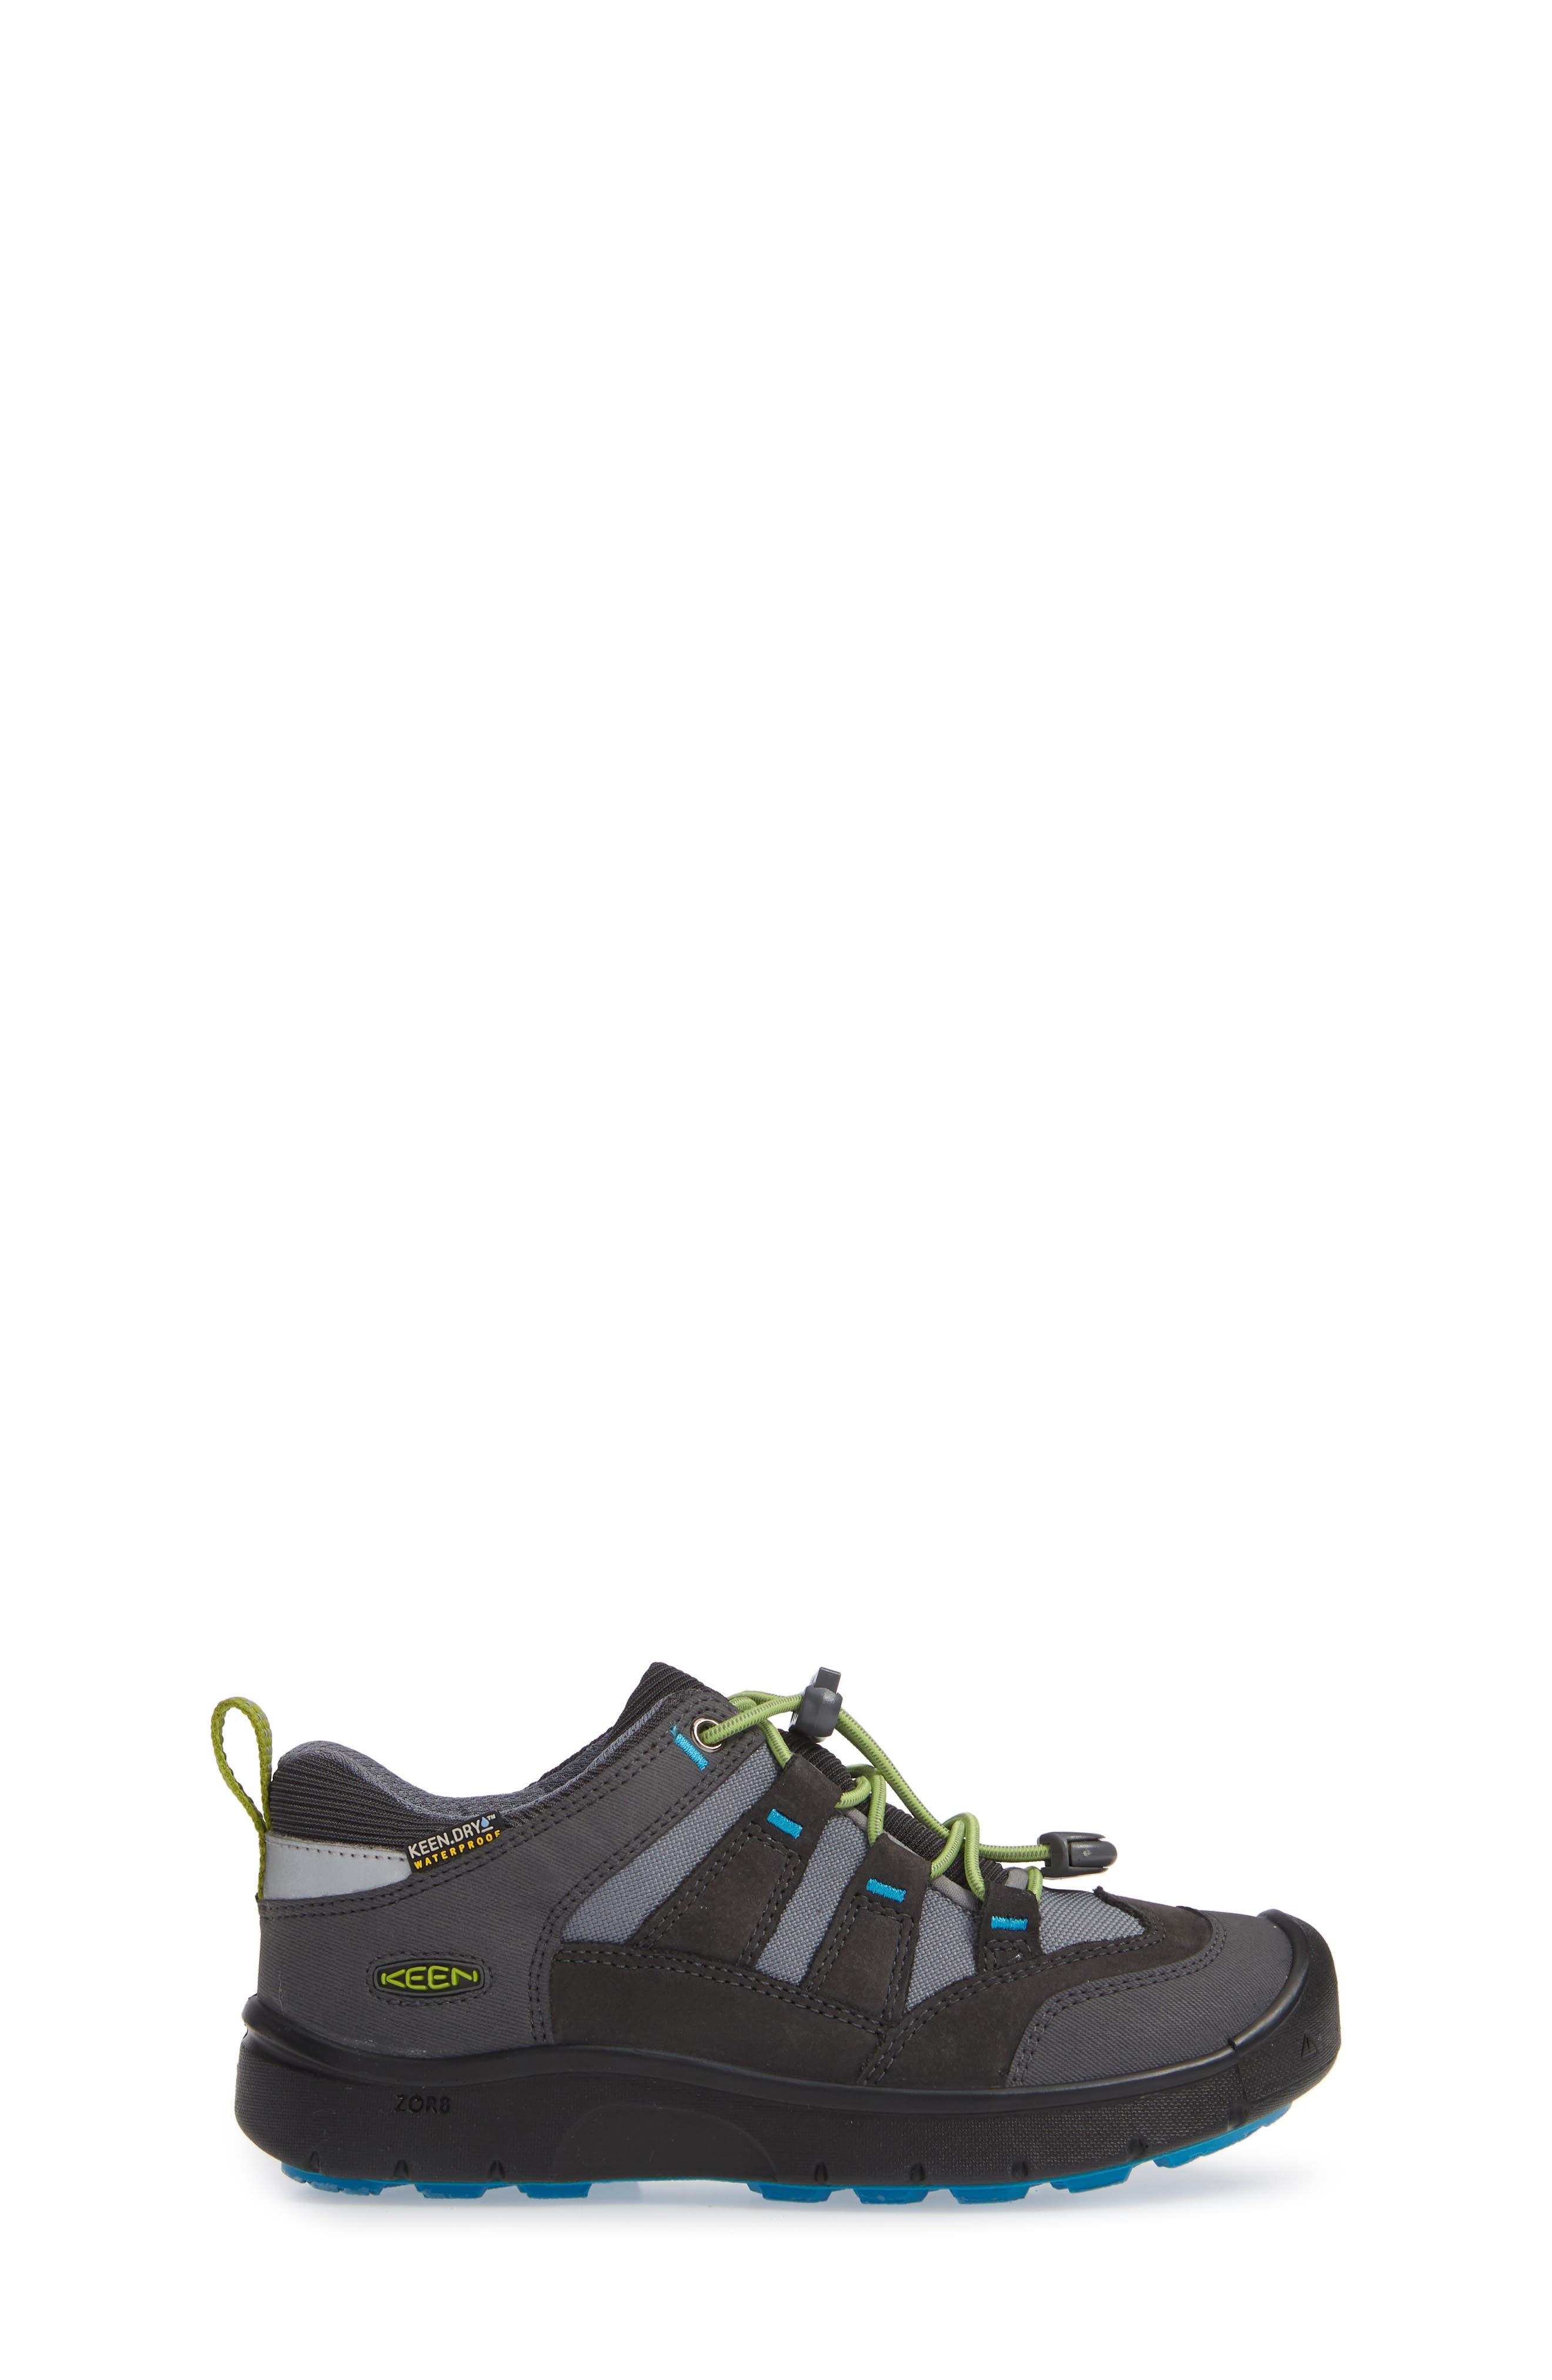 Hikeport Waterproof Sneaker,                             Alternate thumbnail 3, color,                             MAGNET/ GREENERY/ GREENERY